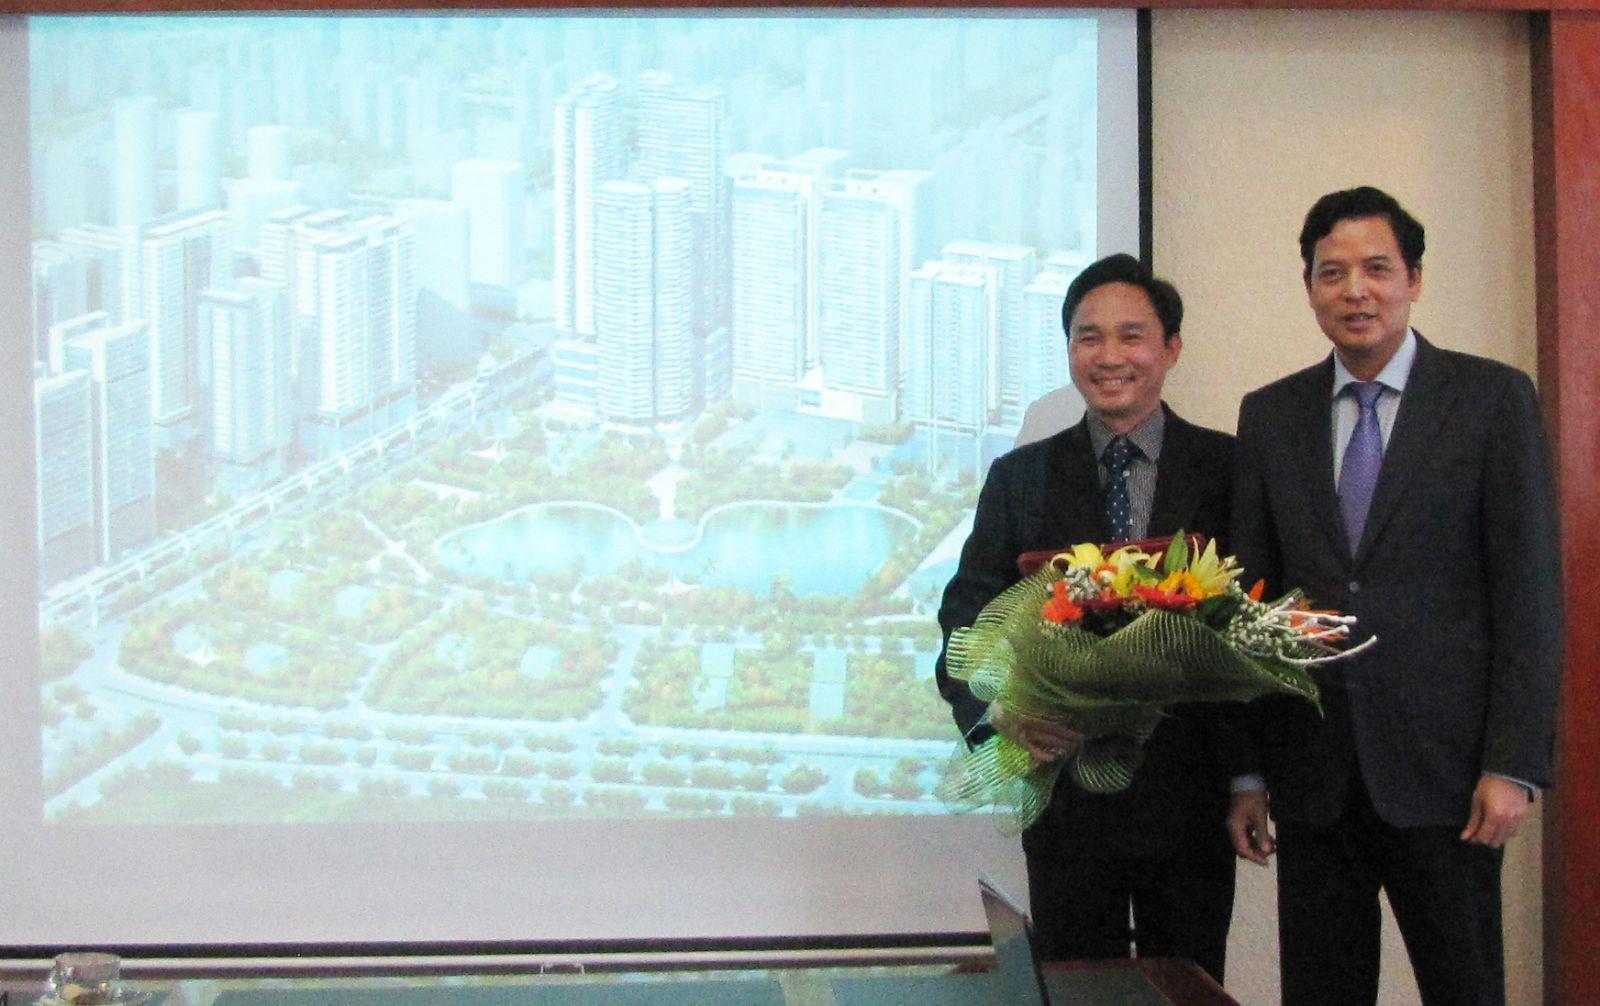 Ông Bùi Xuân Dũng - Bí thư Đảng ủy, Chủ tịch HĐQT Tổng công ty trao quyết định cho ông Trần Minh Hồng